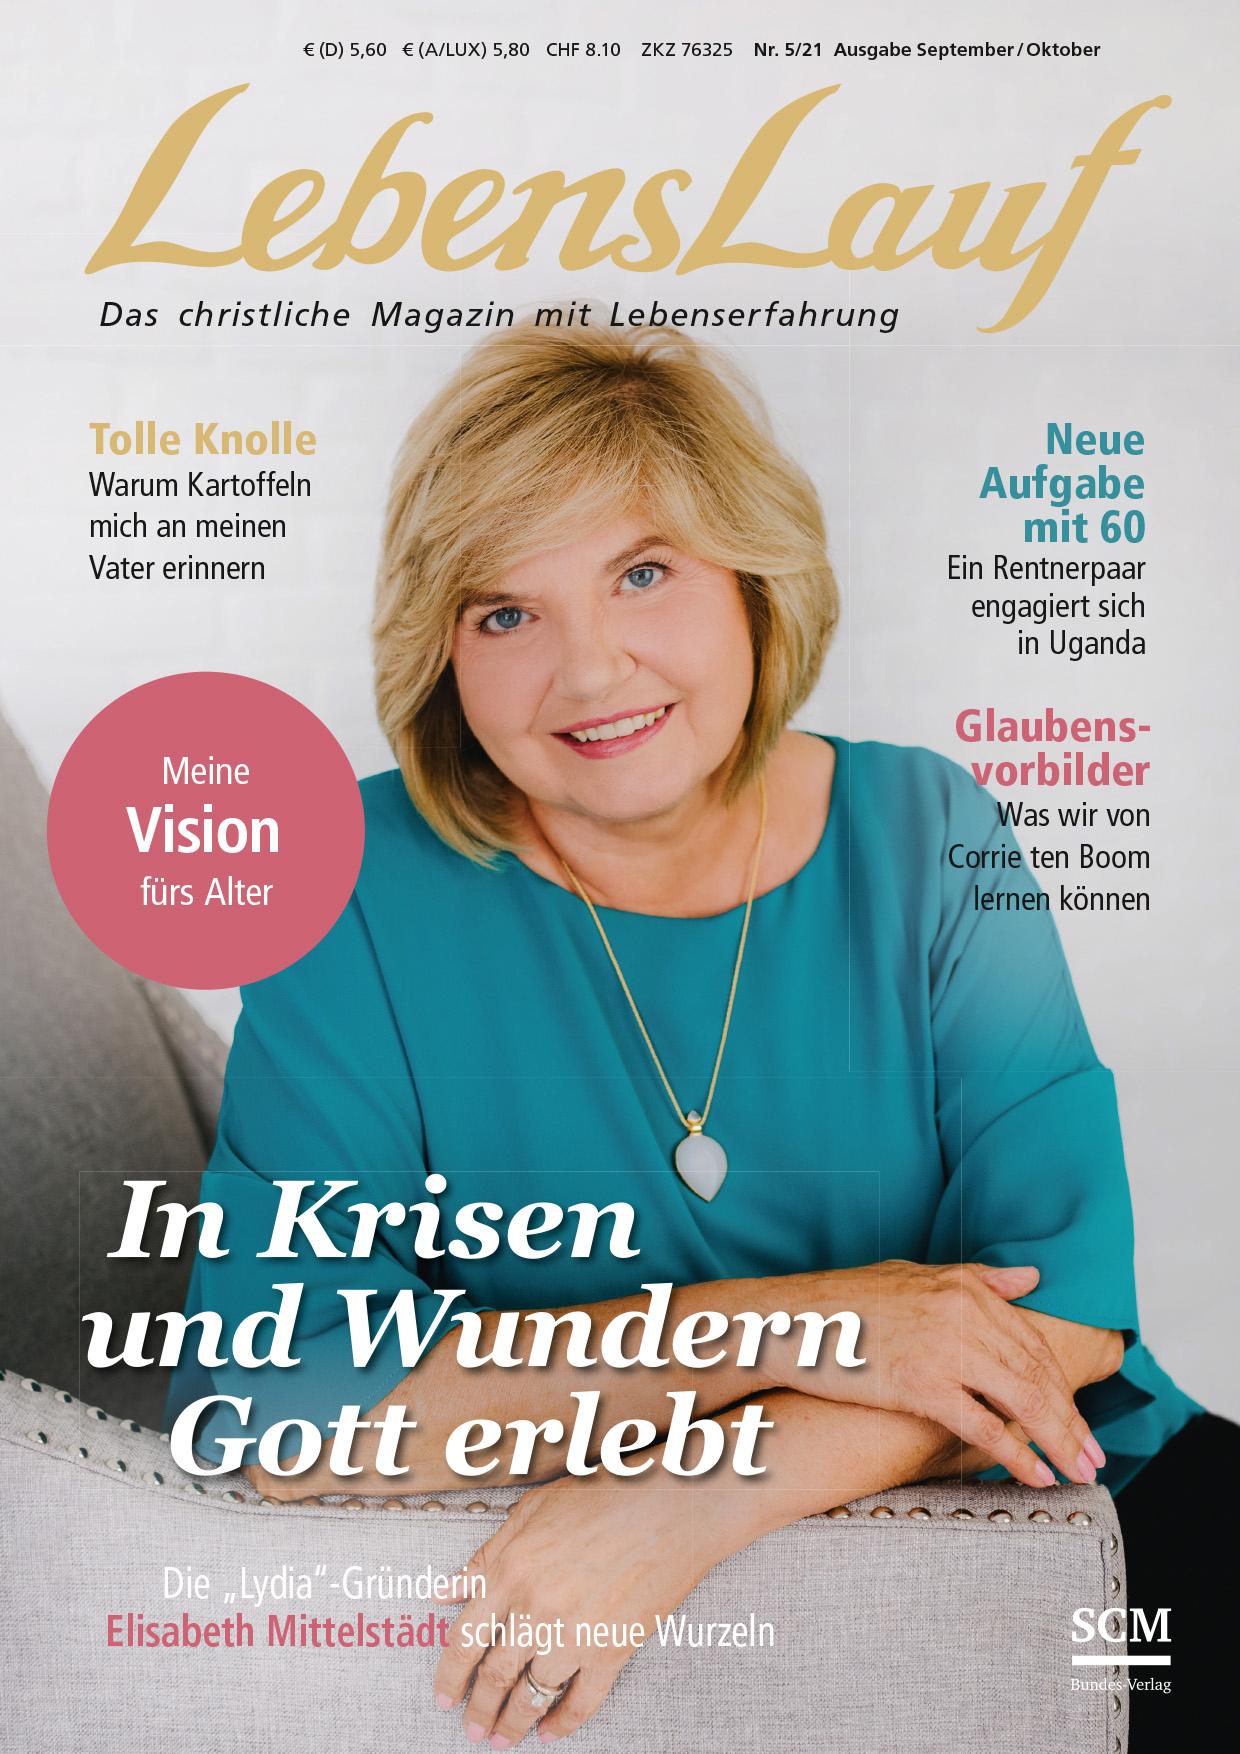 Lebenslauf Das Christliche Magazin Mit Lebenserfahrung 55plus